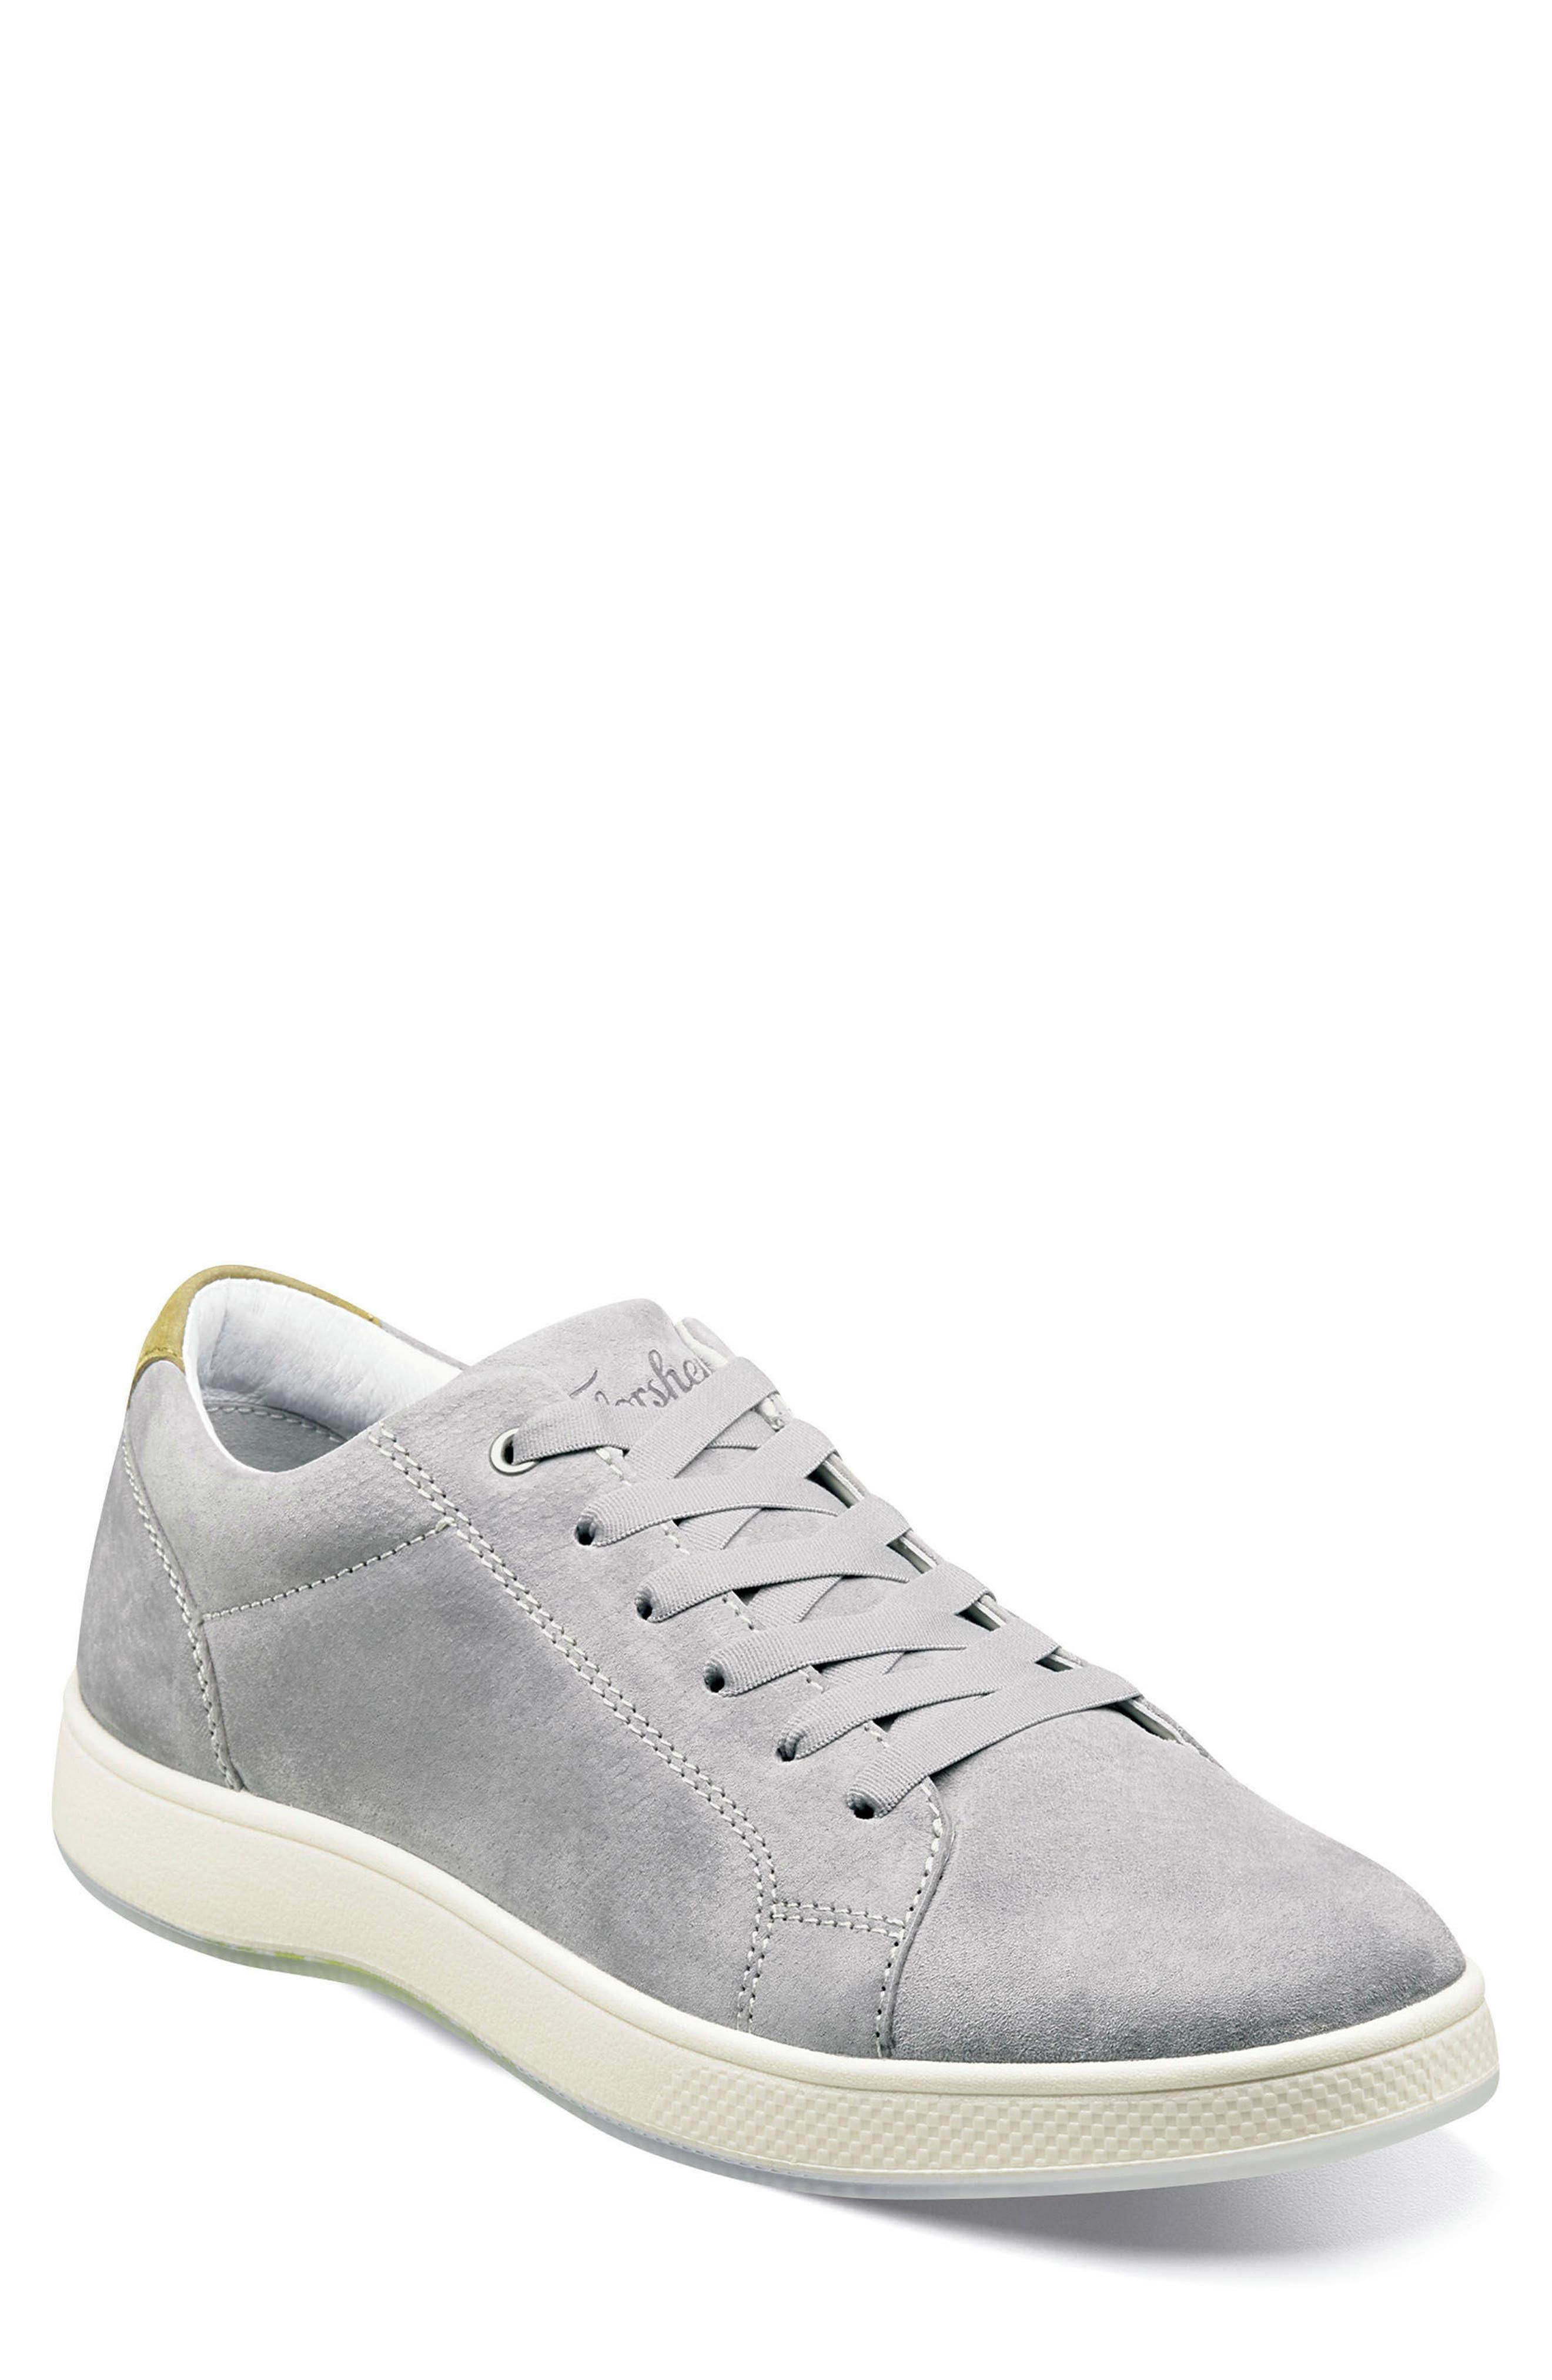 Edge Low Top Sneaker,                             Main thumbnail 1, color,                             Gray Nubuck